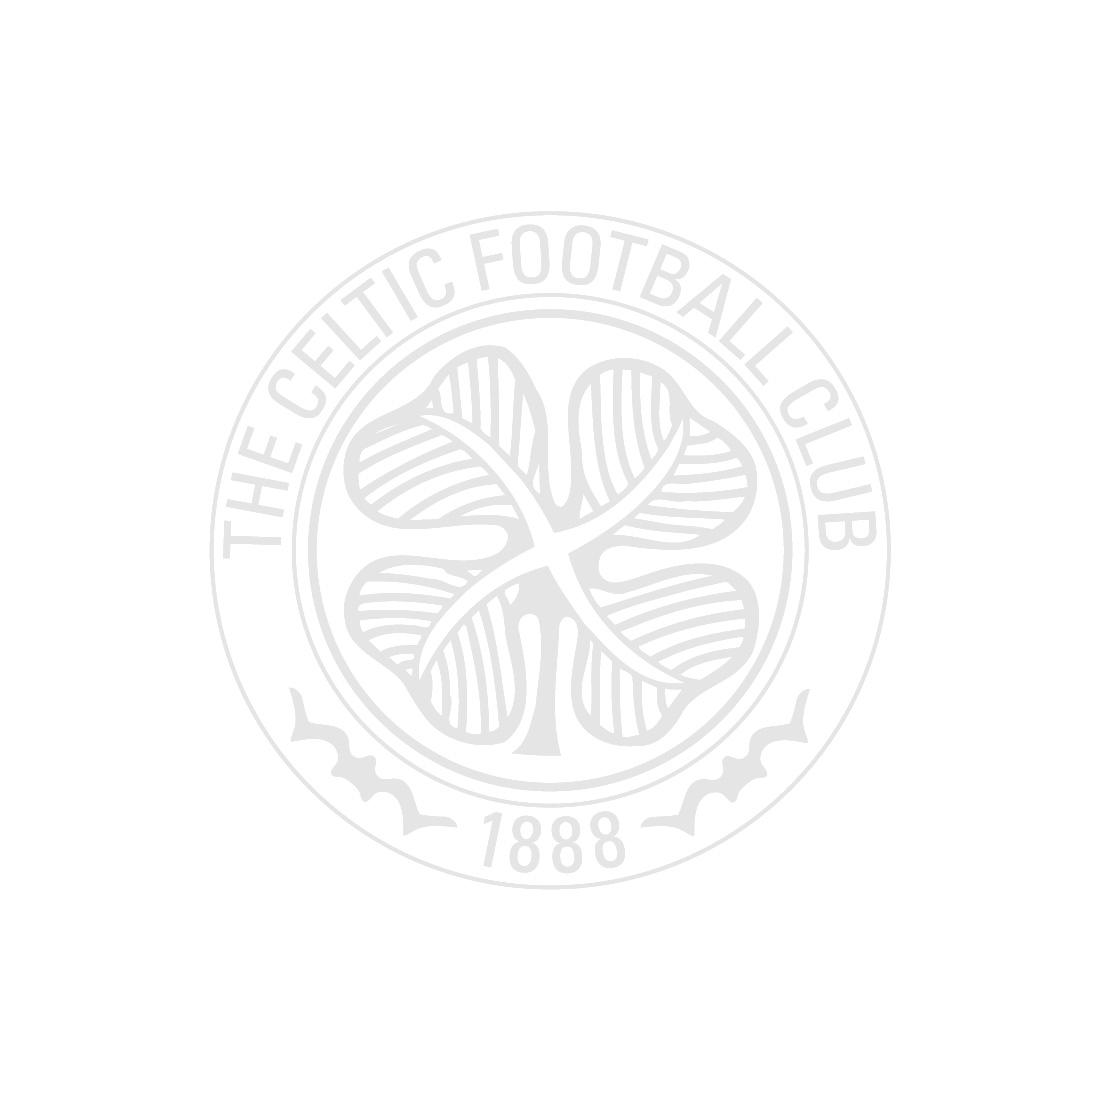 Celtic Mens Away Shirt 18/19 with No Sponsor